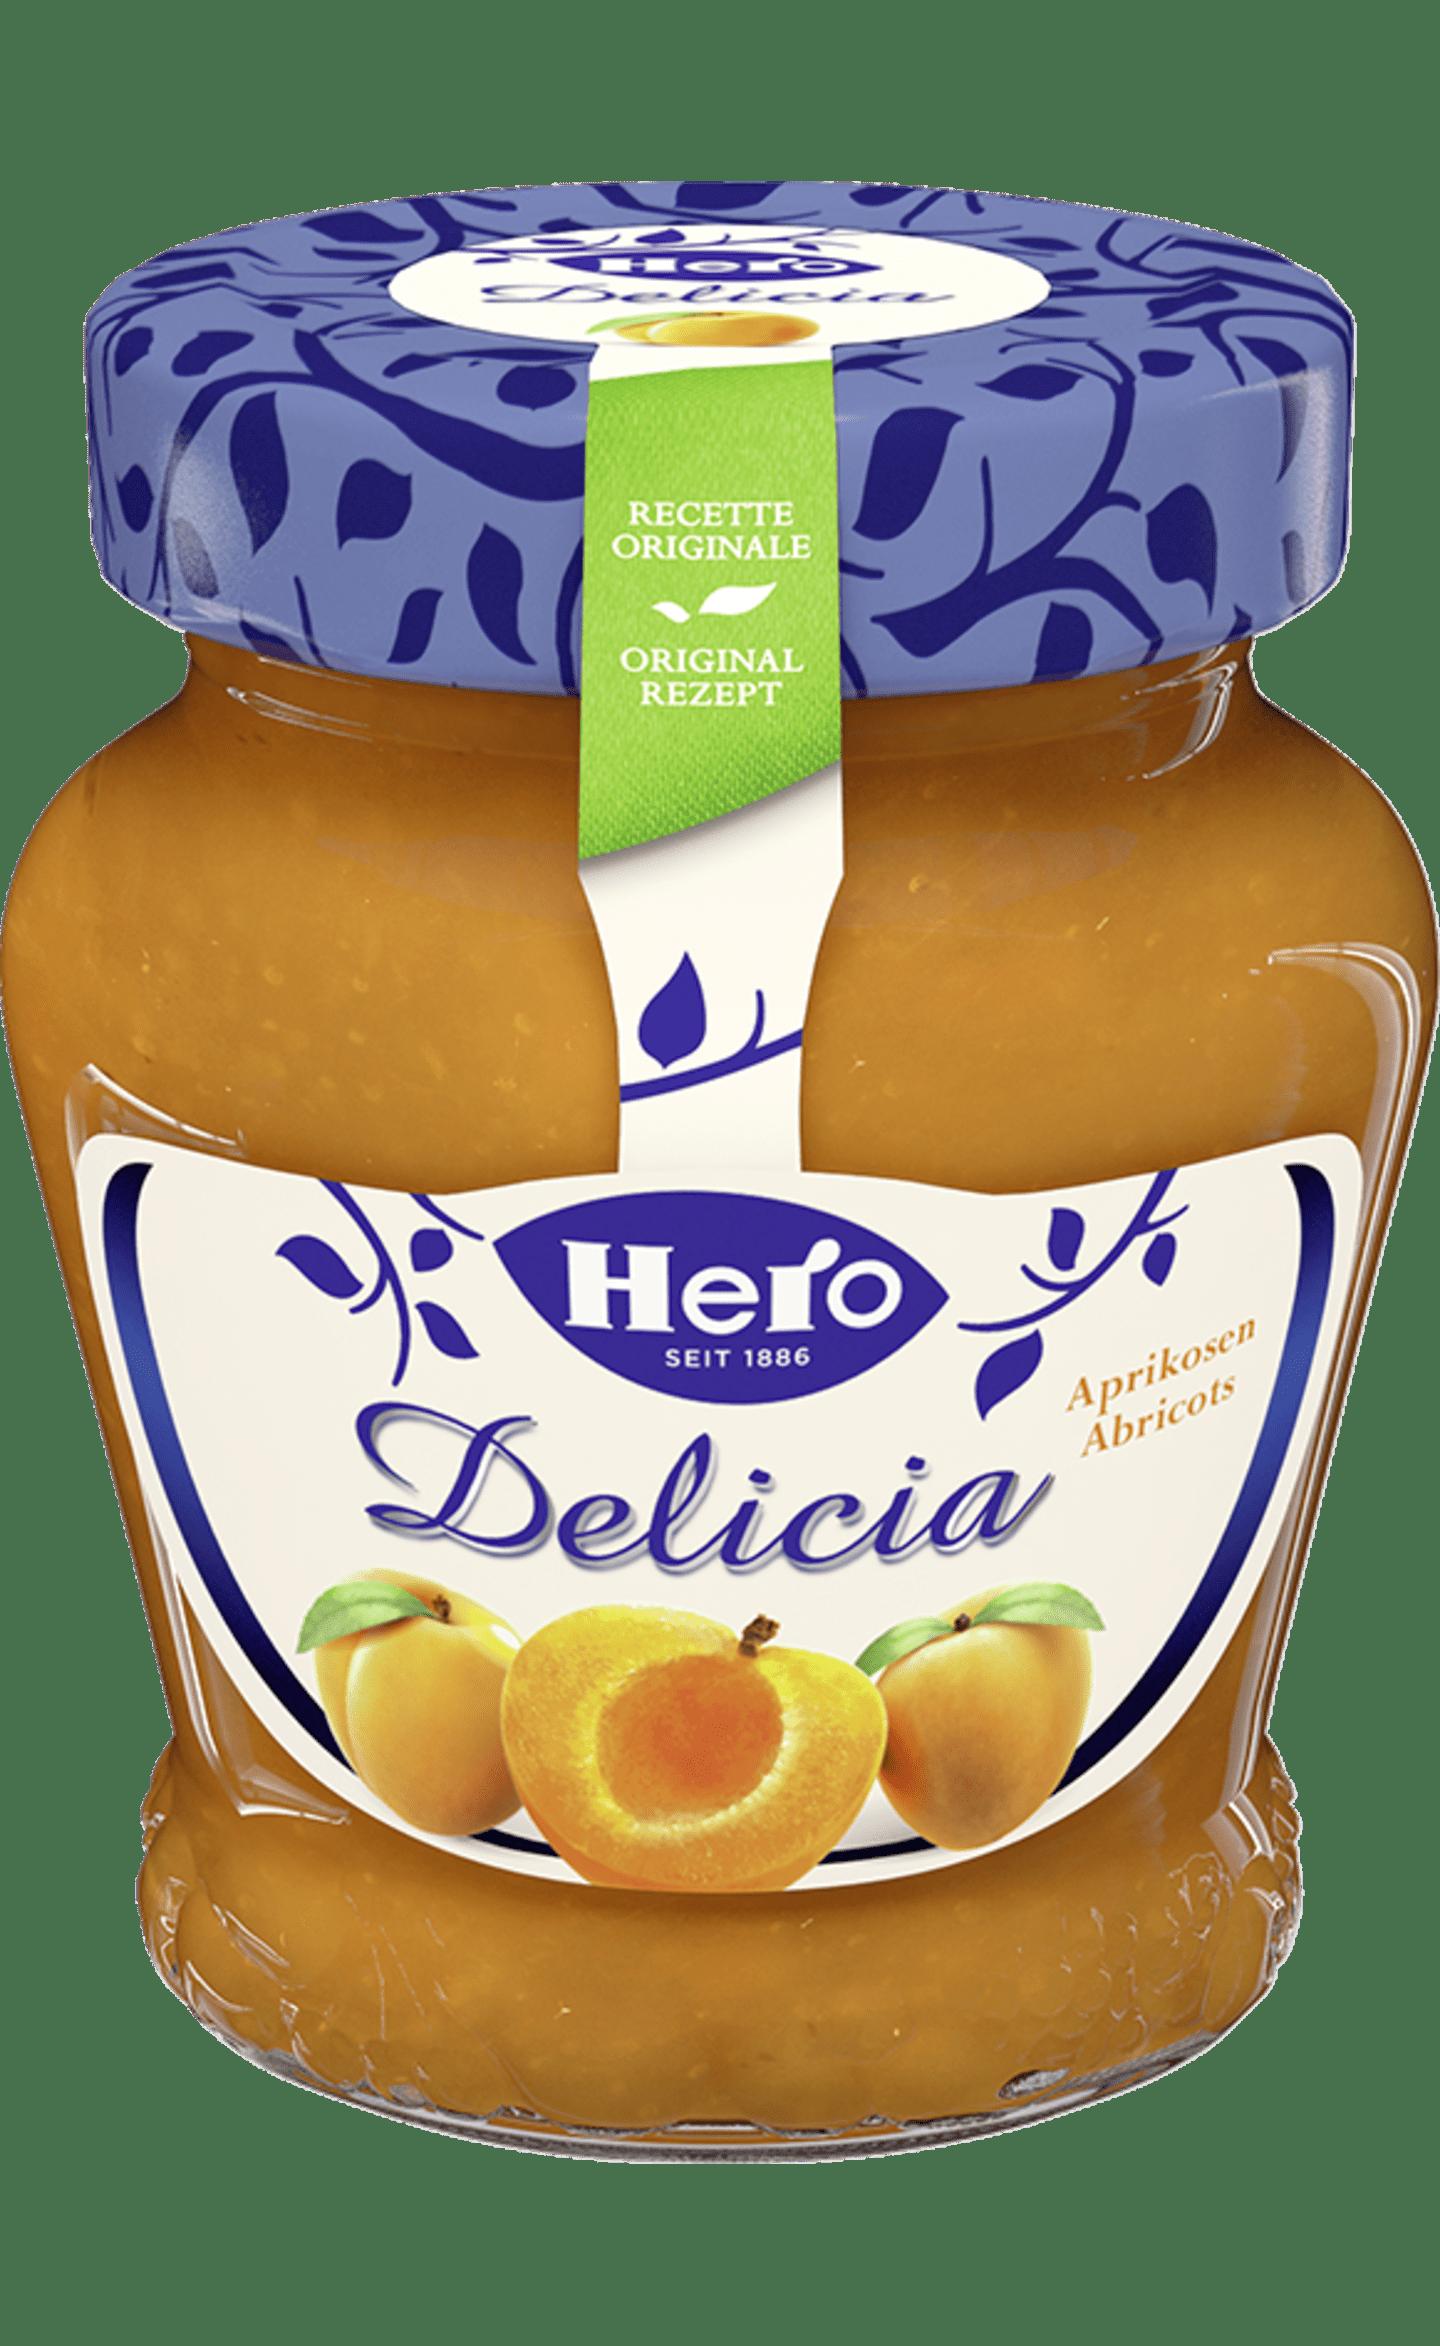 Hero Delicia Konfitüre | Aprikose